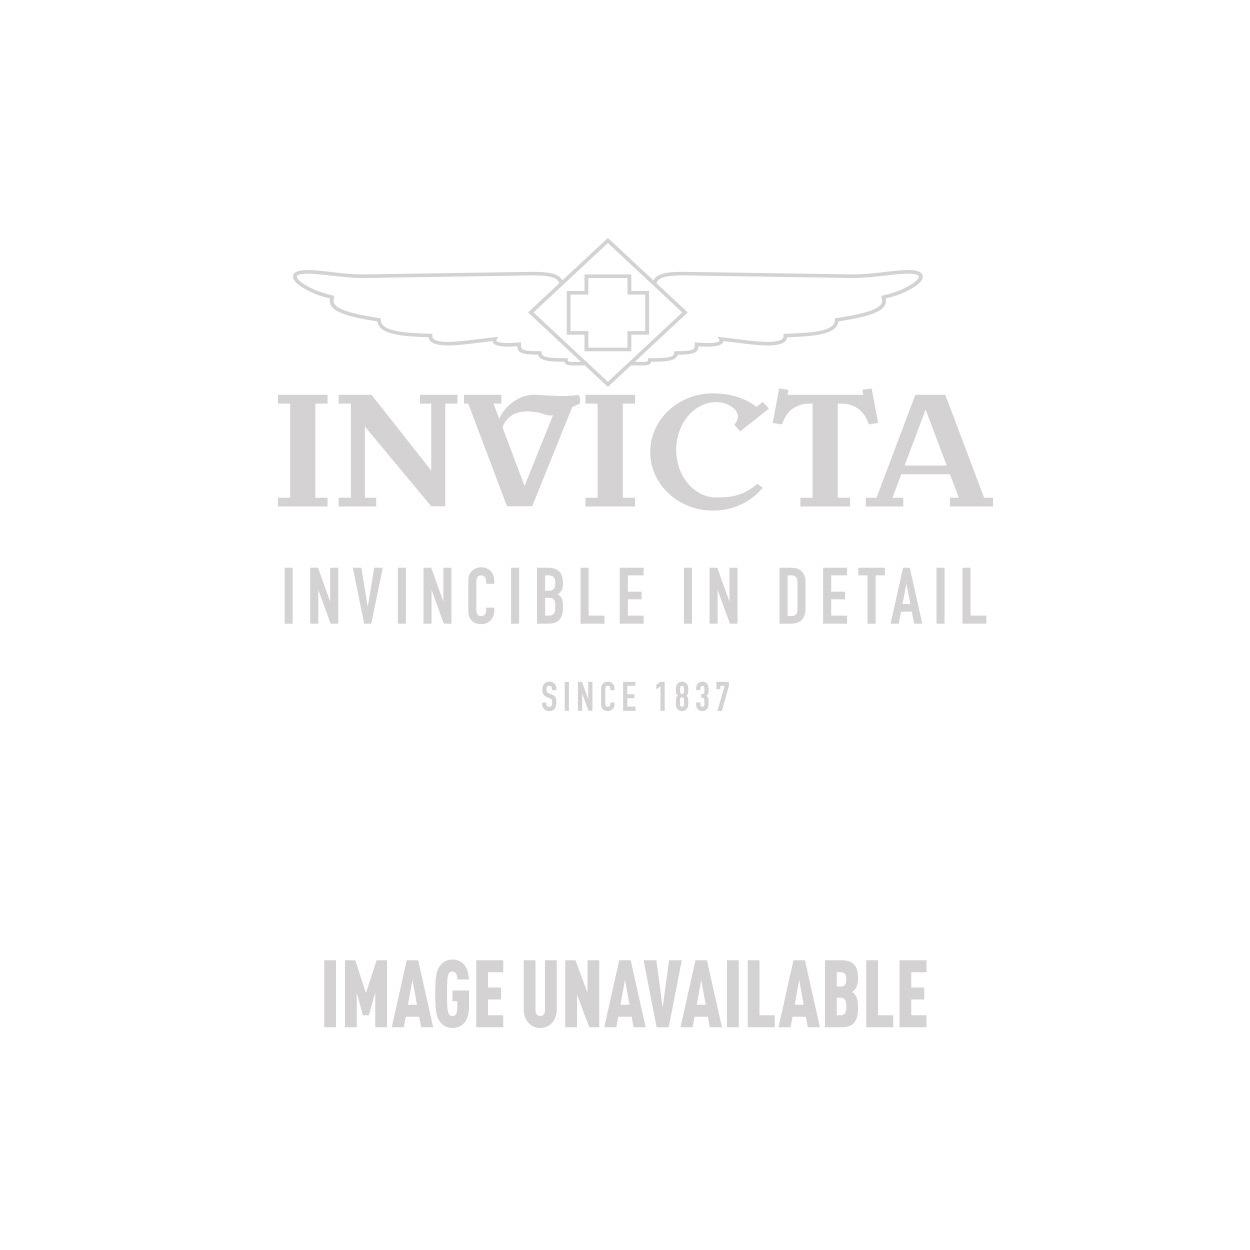 Invicta Model  22188